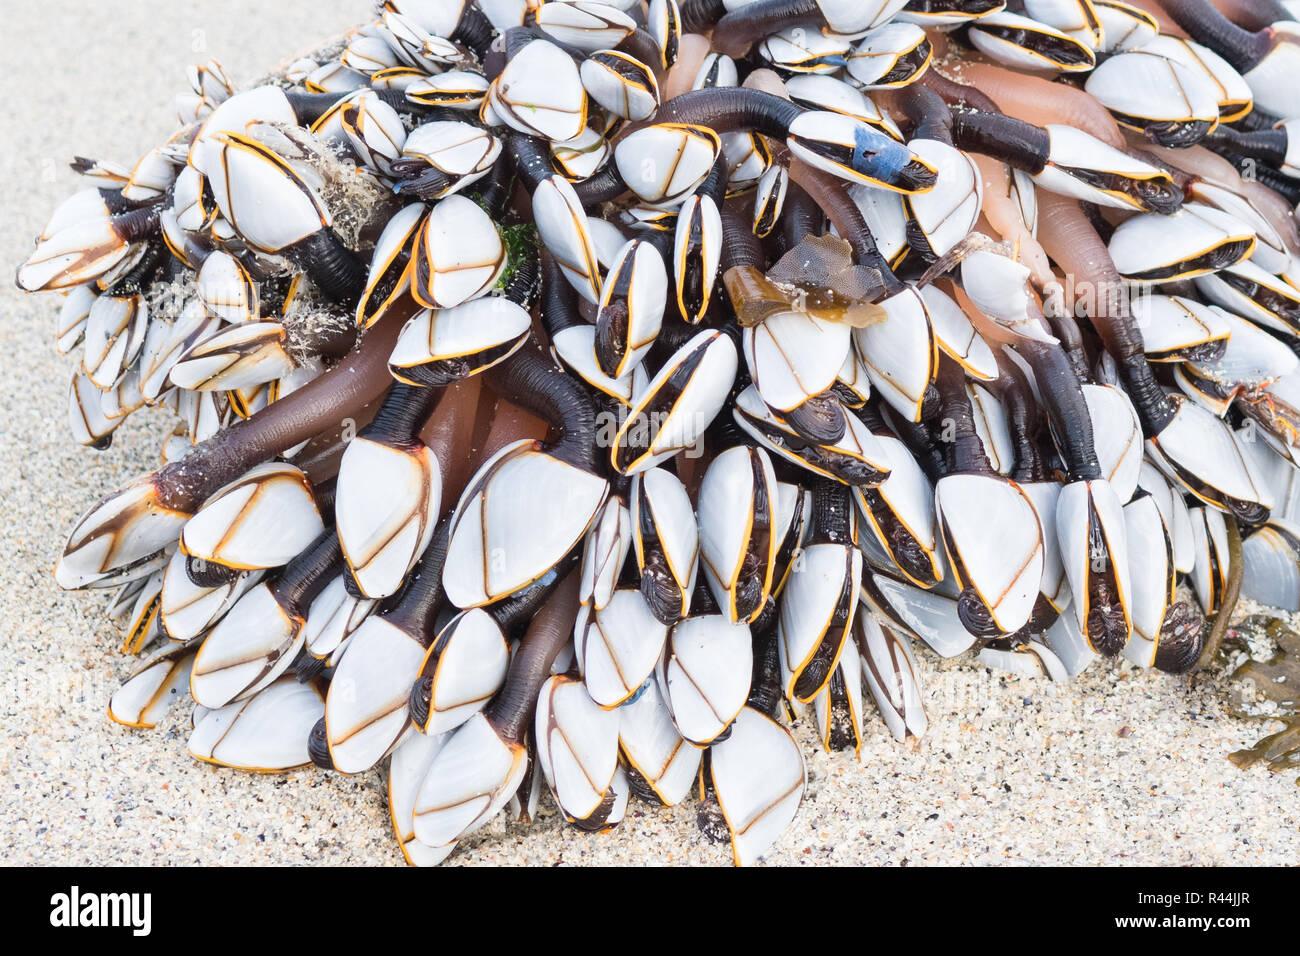 Gooseneck or goose barnacles - lepas anatifera - washed up on beach Stock Photo